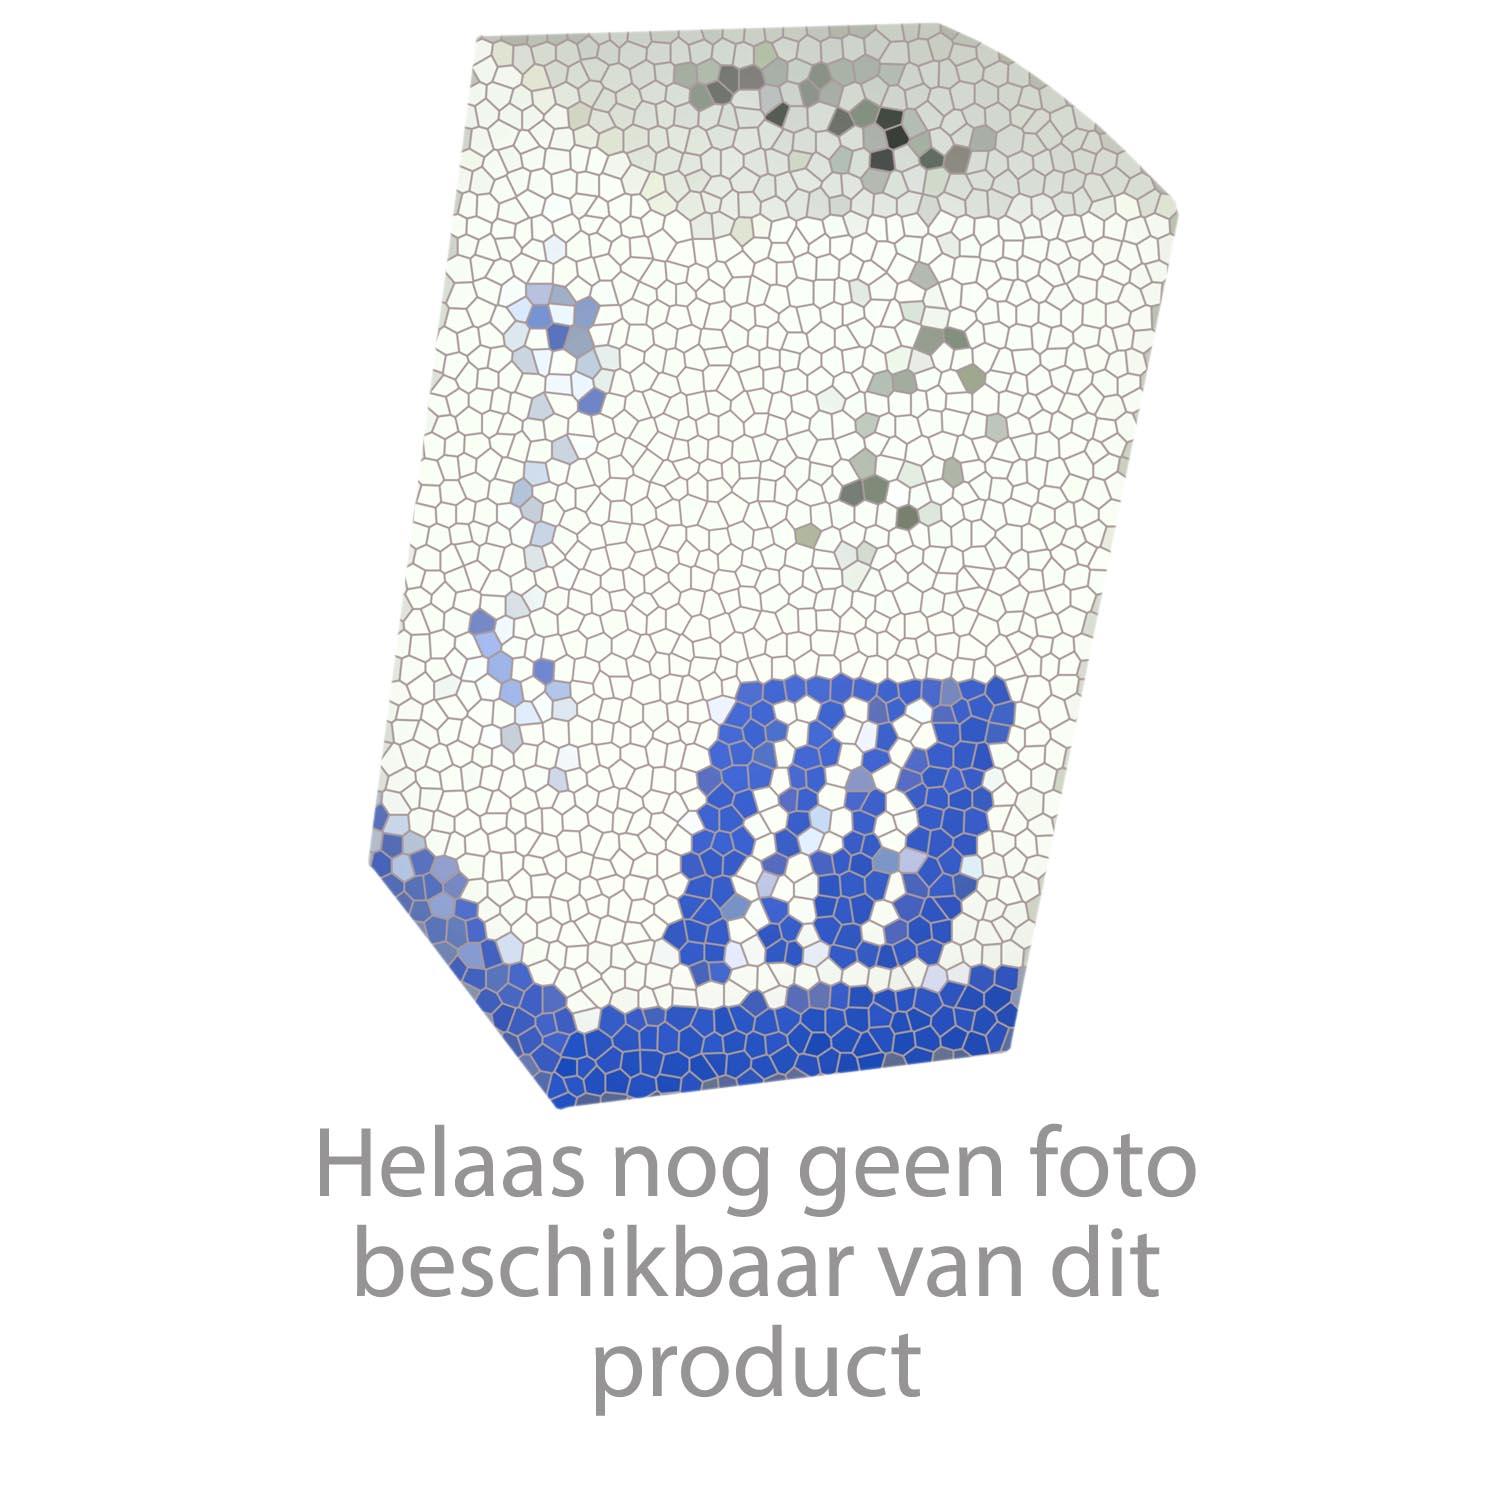 HansGrohe Keukenmengkranen Allegra Steel productiejaar 04/98 - 12/05 35800800 onderdelen